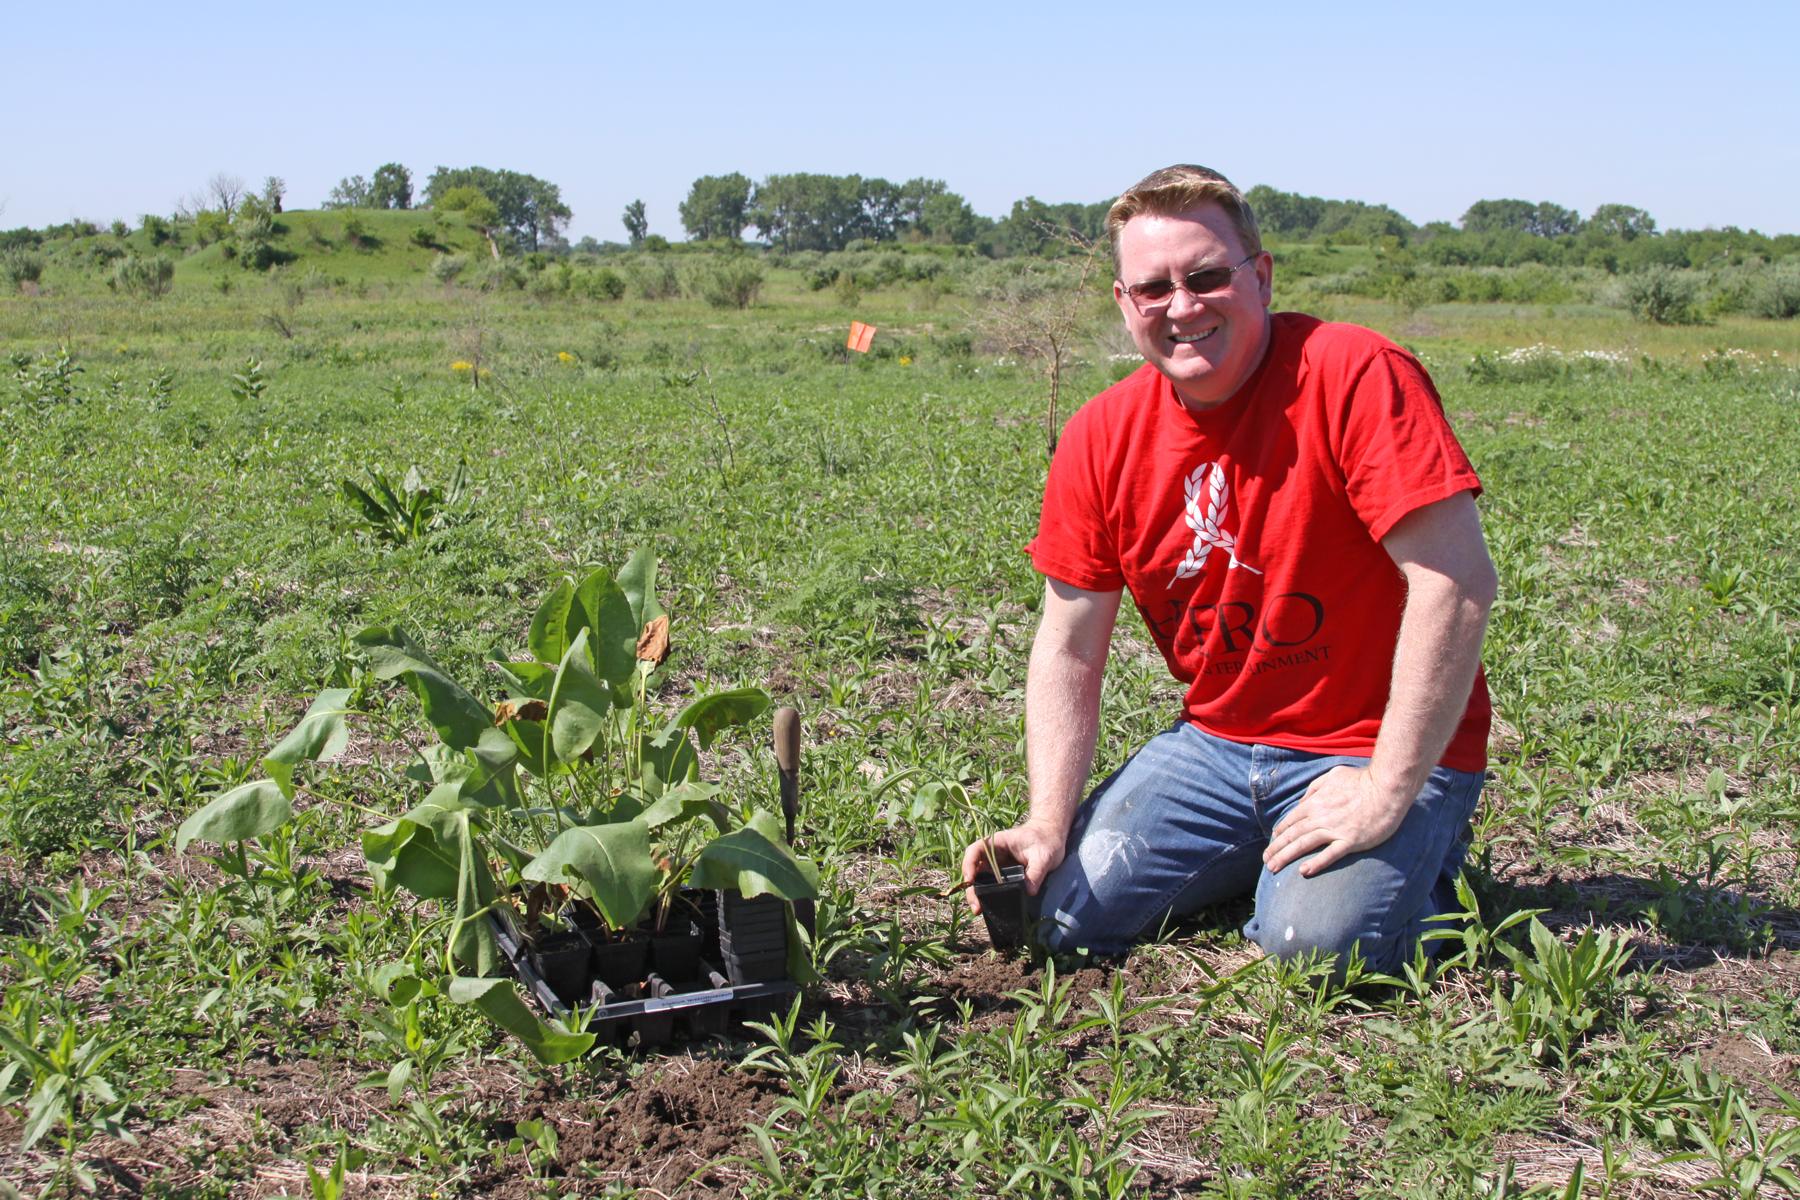 A Harrah's HERO volunteer smiles while planting prairie dock.